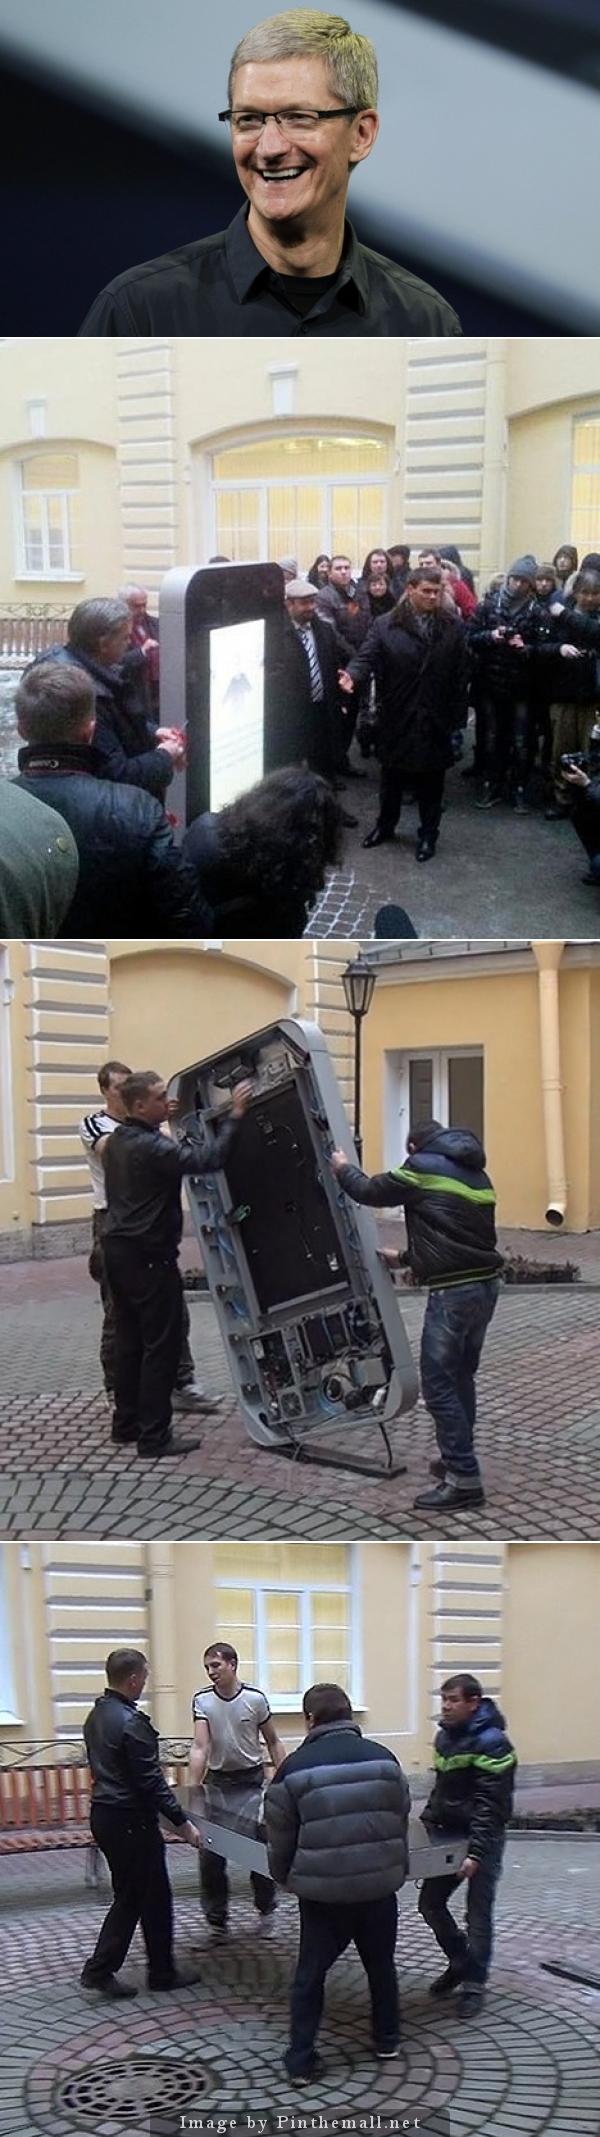 TIM COOK annuncia di essere gay e all'università di S.Pietroburgo smantellano la statua dell'iPhone... http://goo.gl/AO01wo